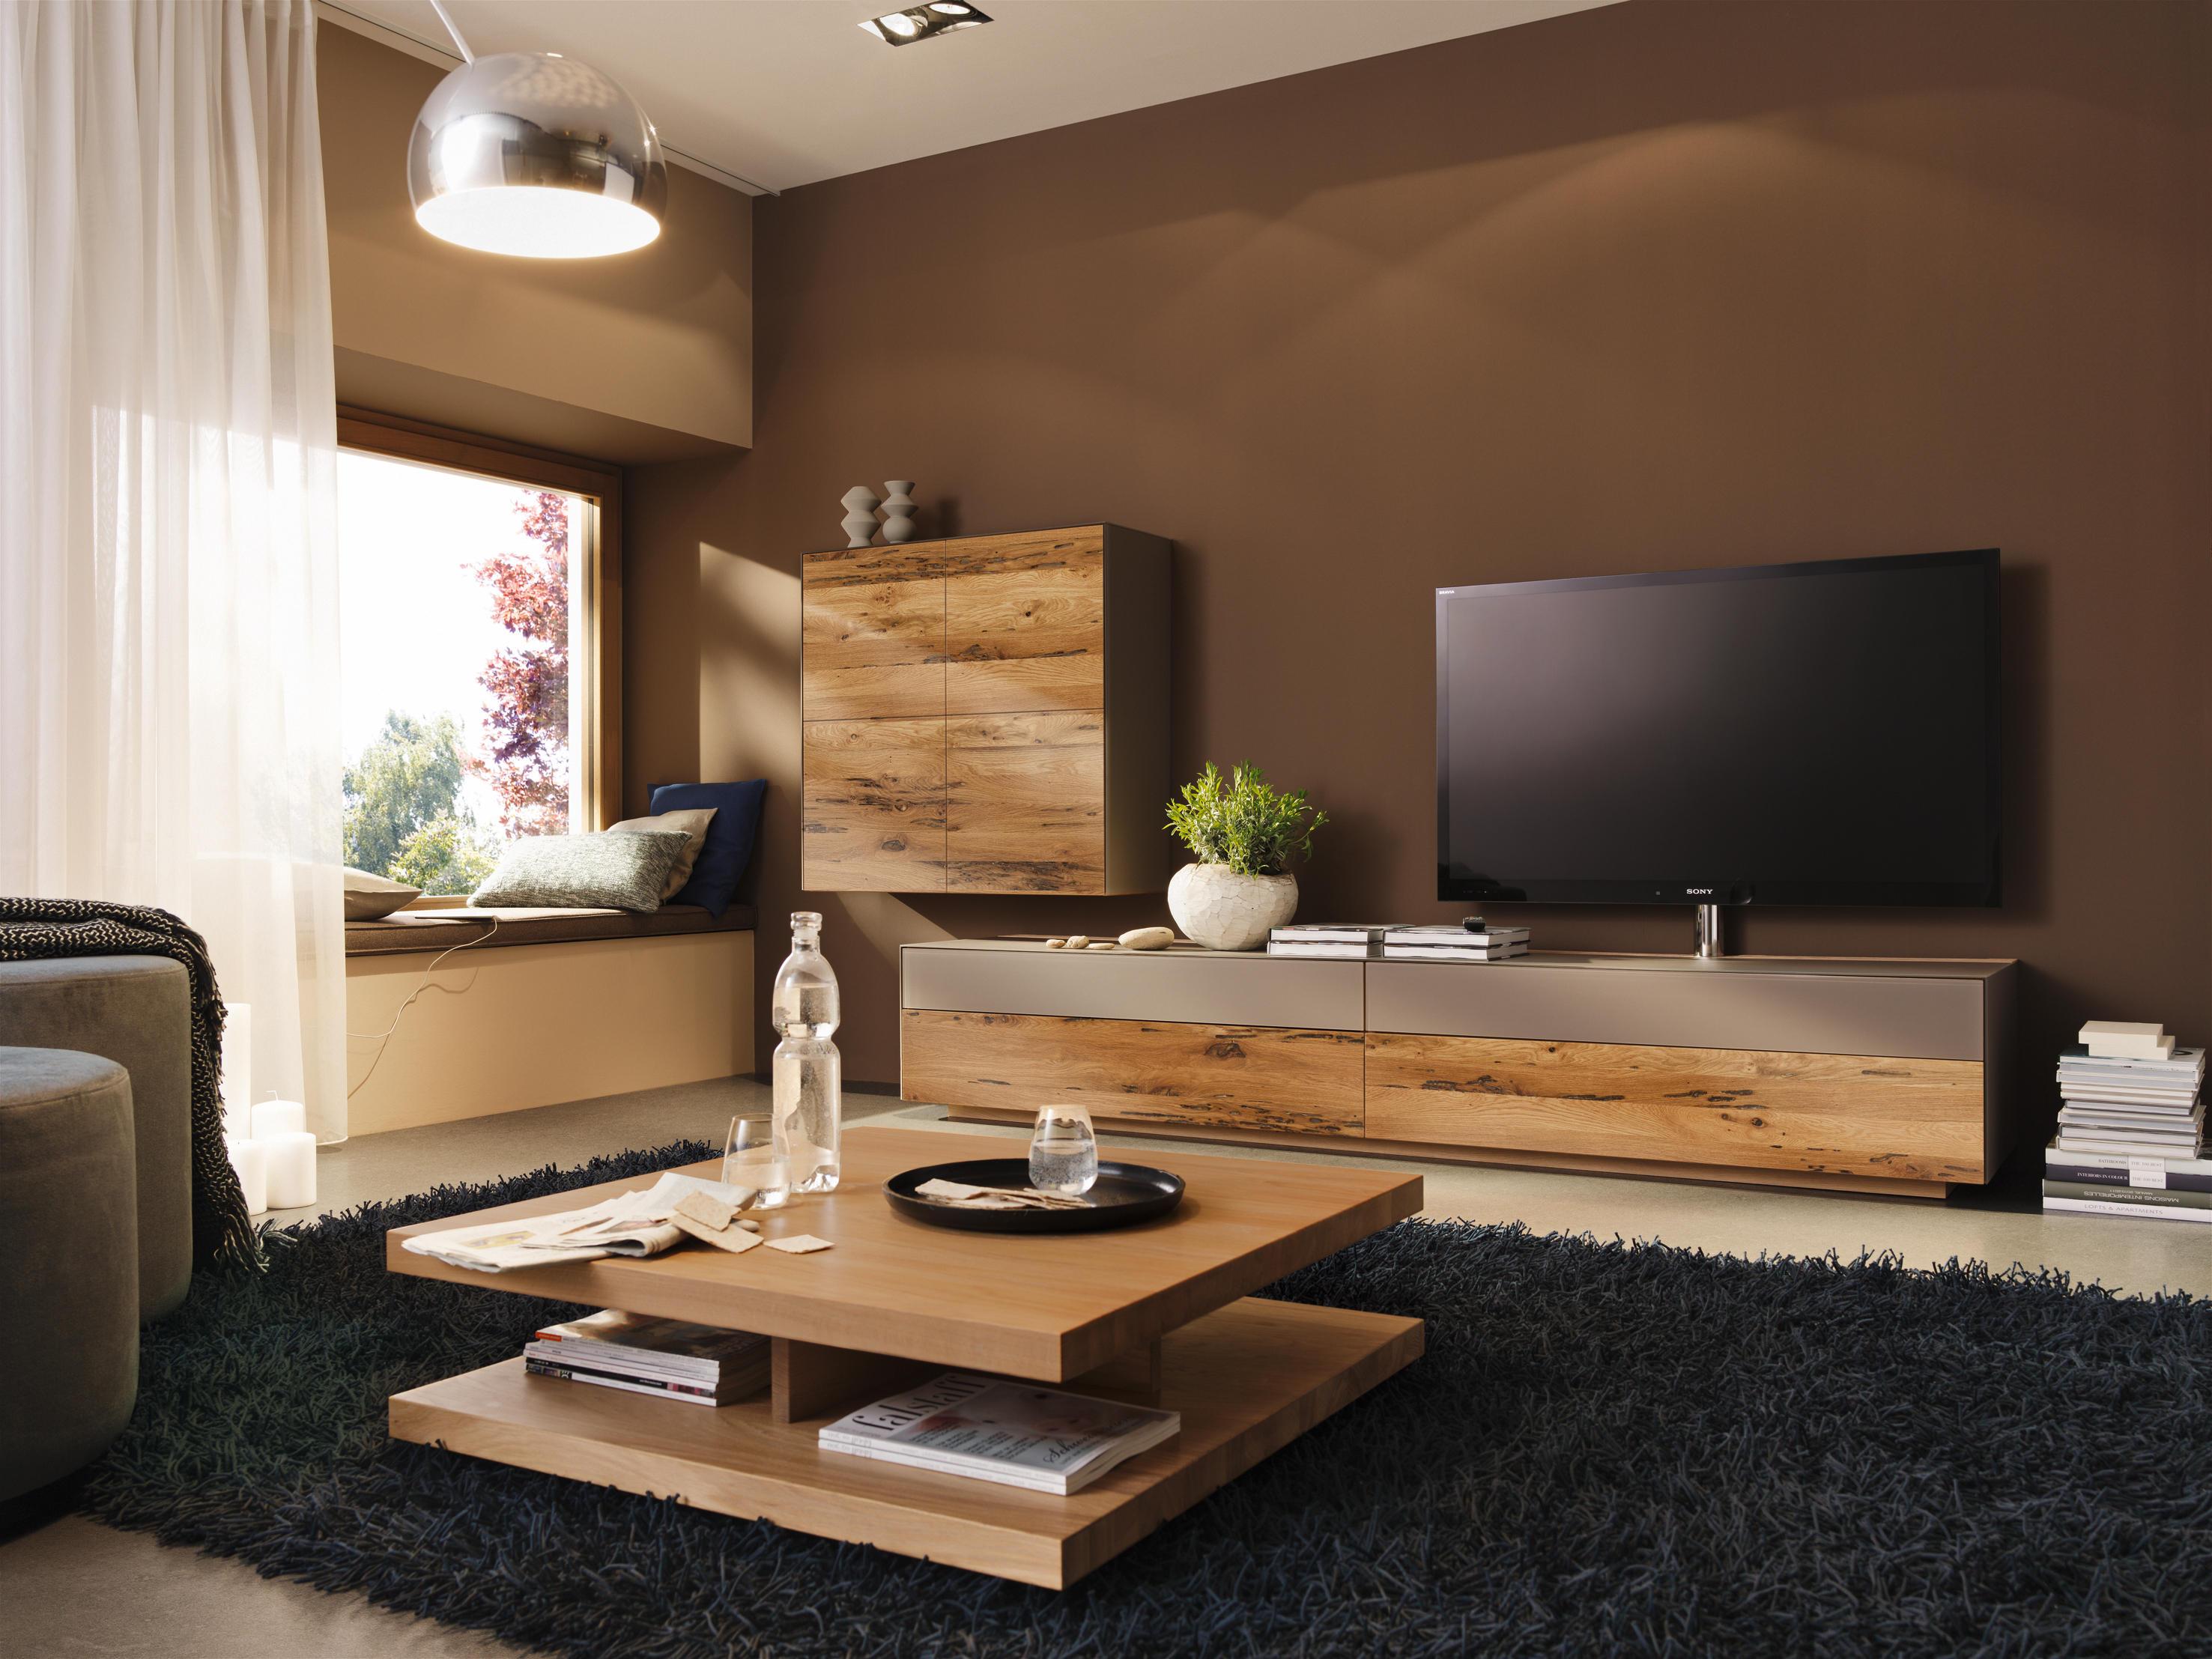 Überraschend Sconto Wohnwand Sammlung Von Wohndesign Dekor